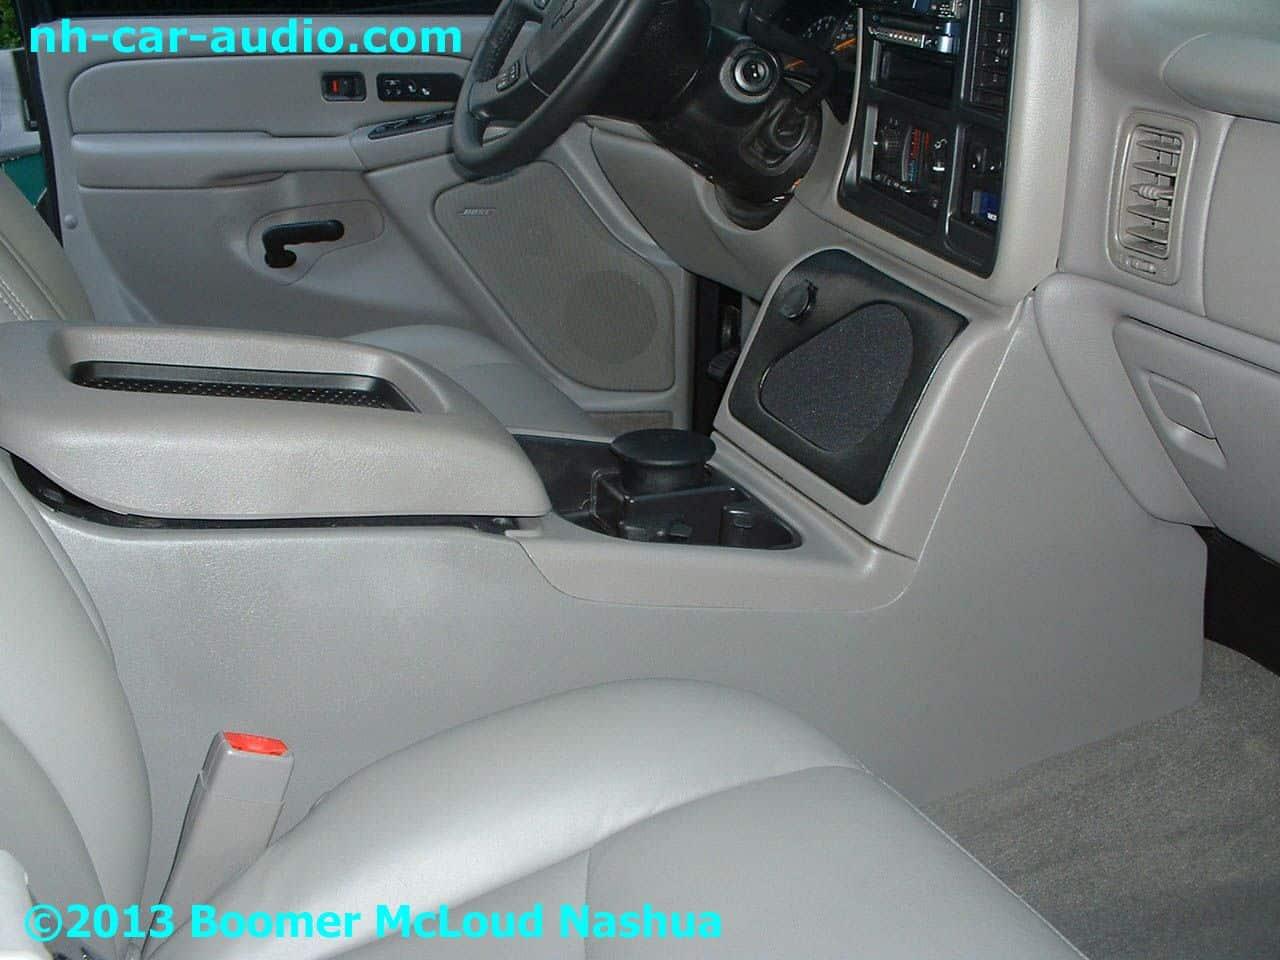 Chevy silverado overhead console autos post